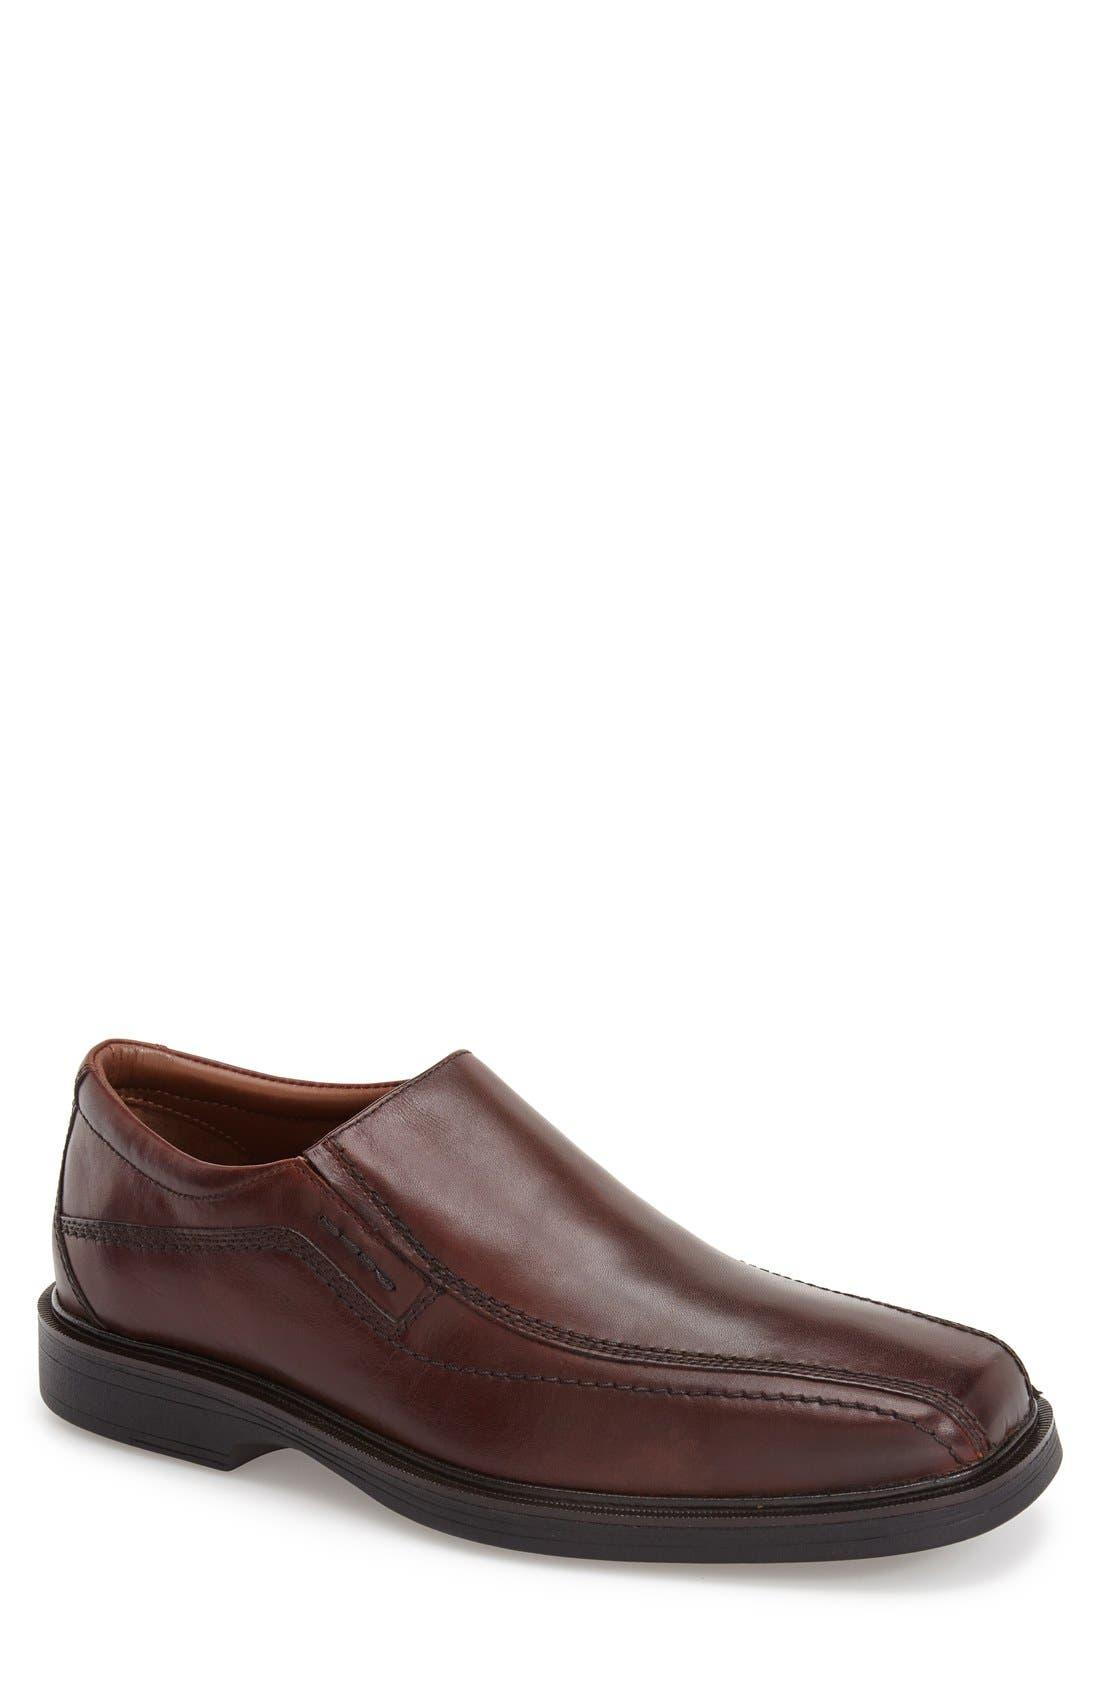 'Penn' Venetian Loafer,                         Main,                         color, 603